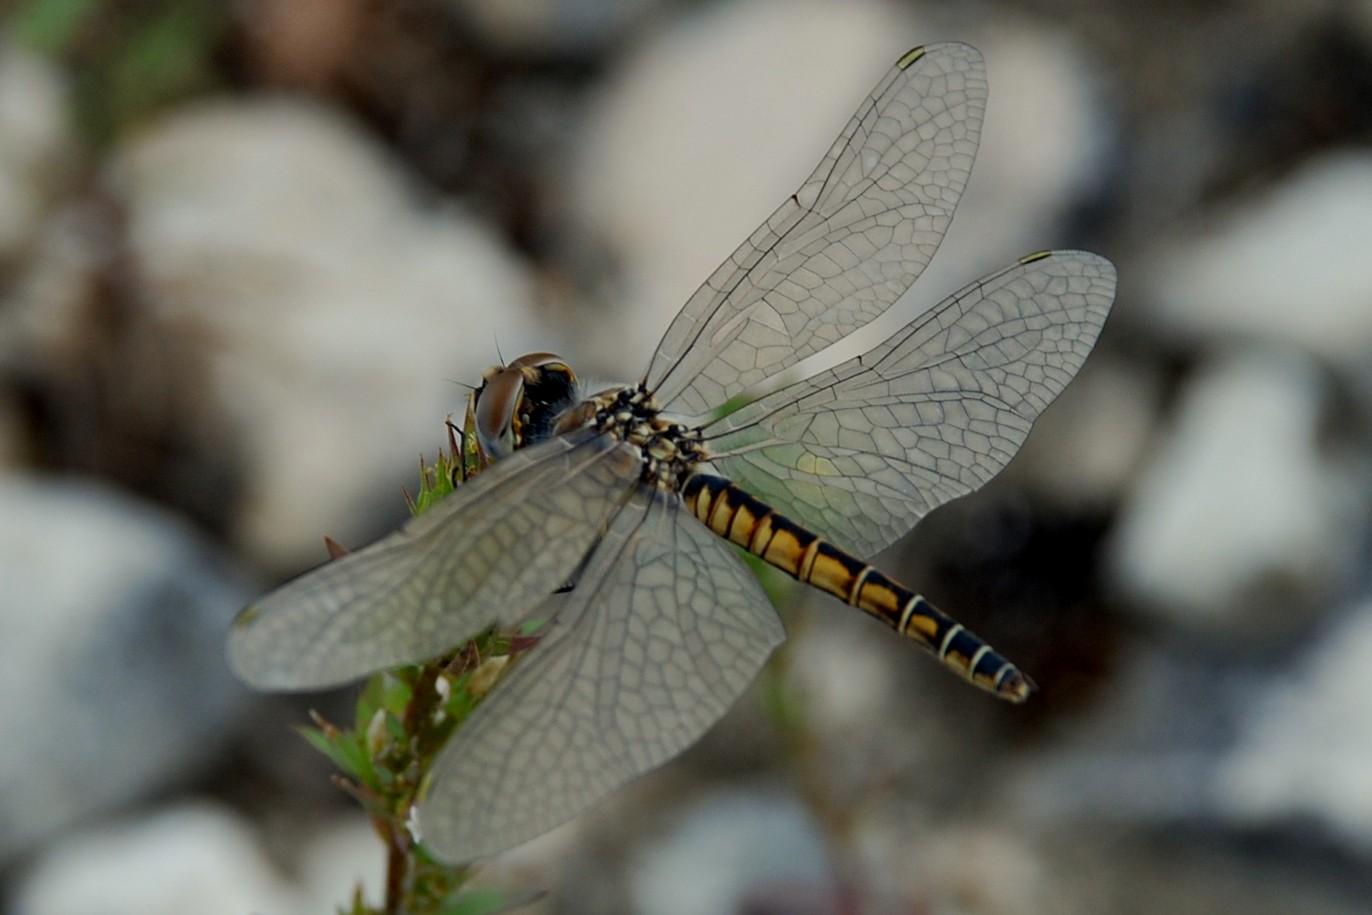 Selysiothemis nigra - Libellulidae